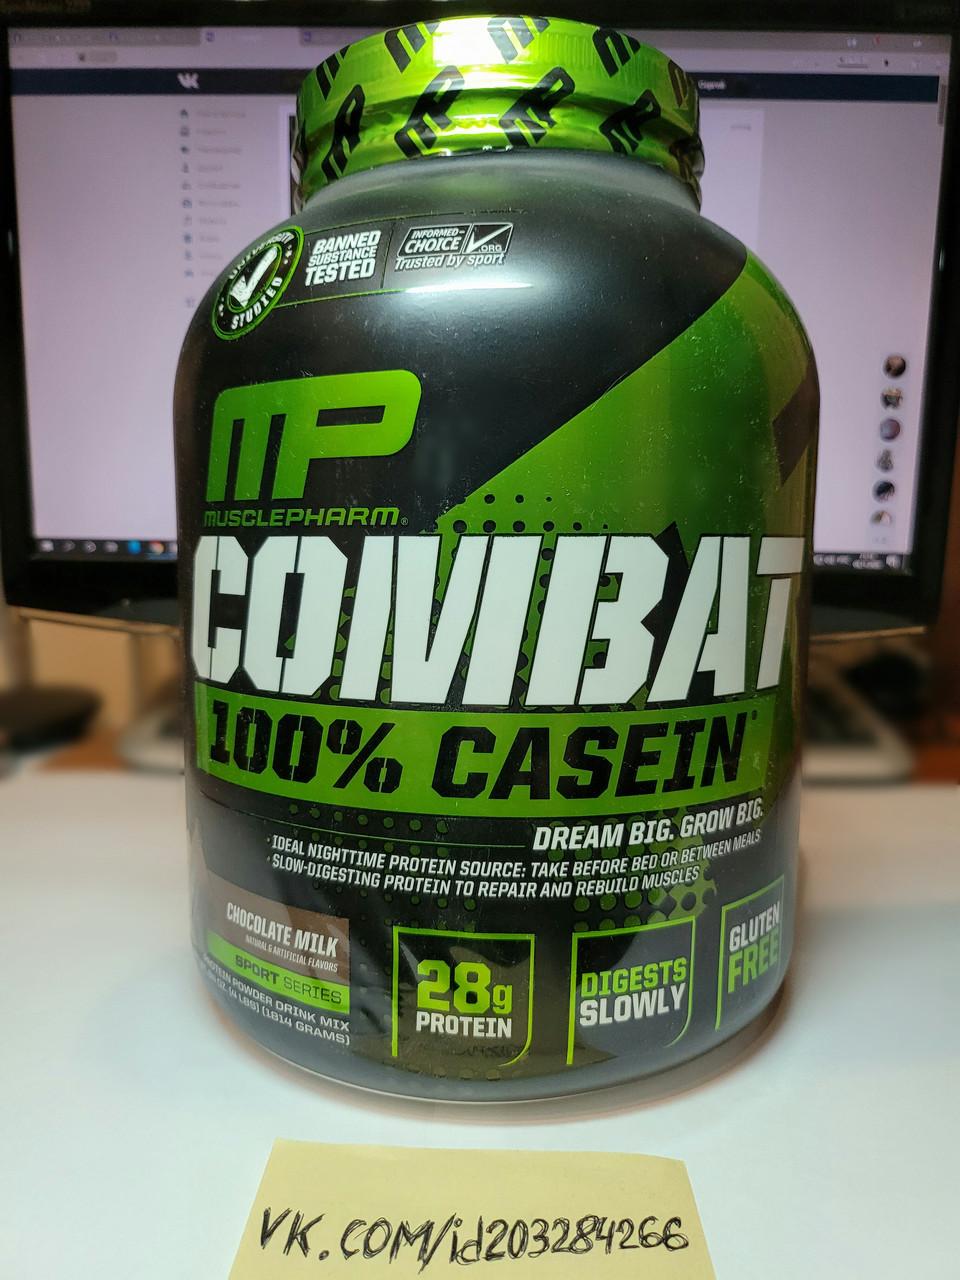 Казеин протеин Muscle Pharm Combat 100% Casein 1,8 кг комбат